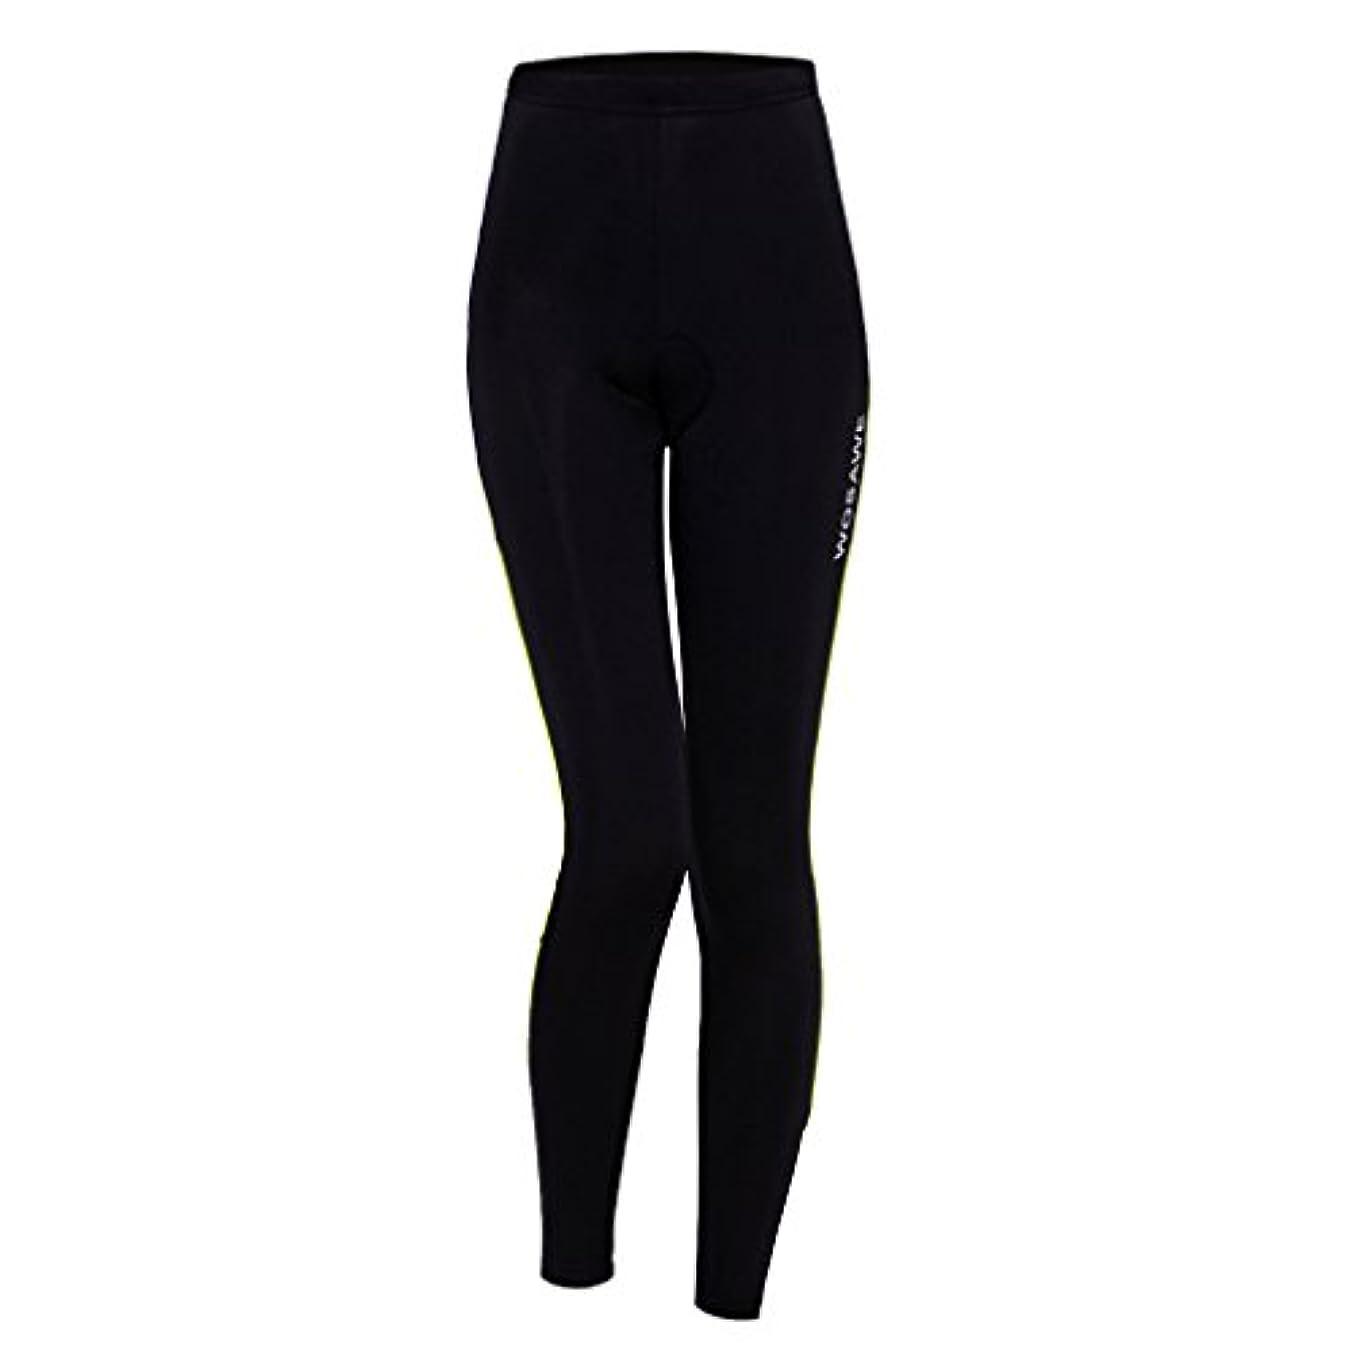 トライアスロン給料束ねるFlameer 女性 サイクリング パンツ 自転車 サイクリングタイツ ロングパンツ スポーツウェア 弾力性 全4サイズ